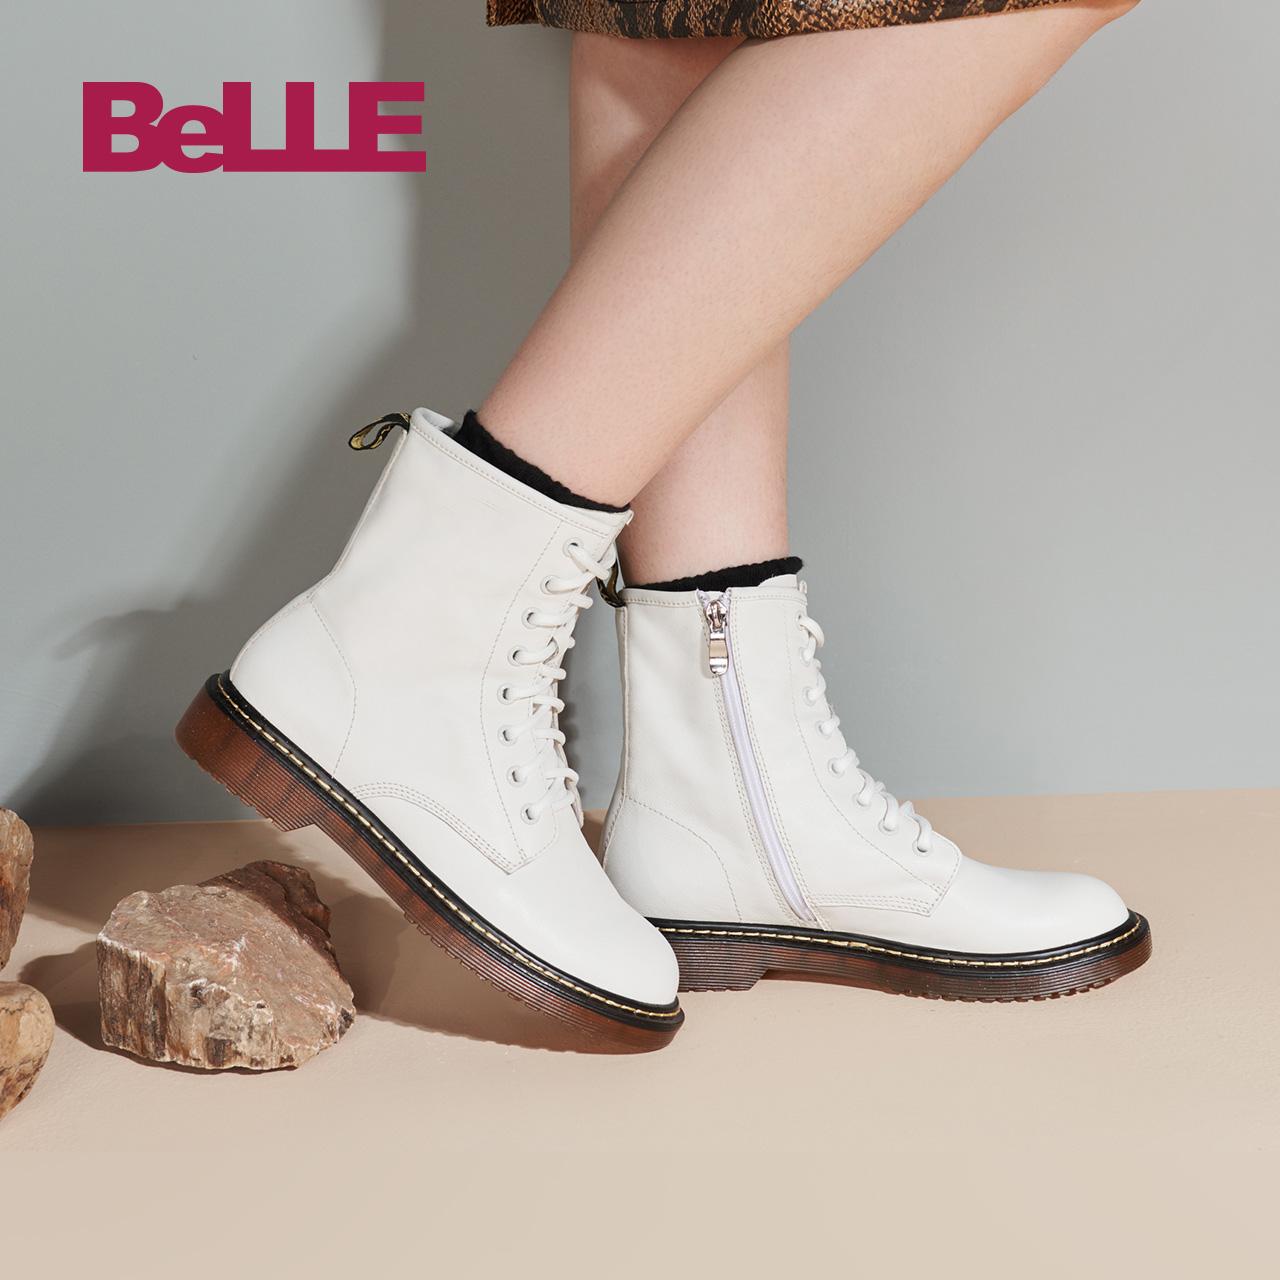 百丽马丁靴女2018冬新商场同款牛皮粗低跟短靴单/绒里T5B1DDZ8